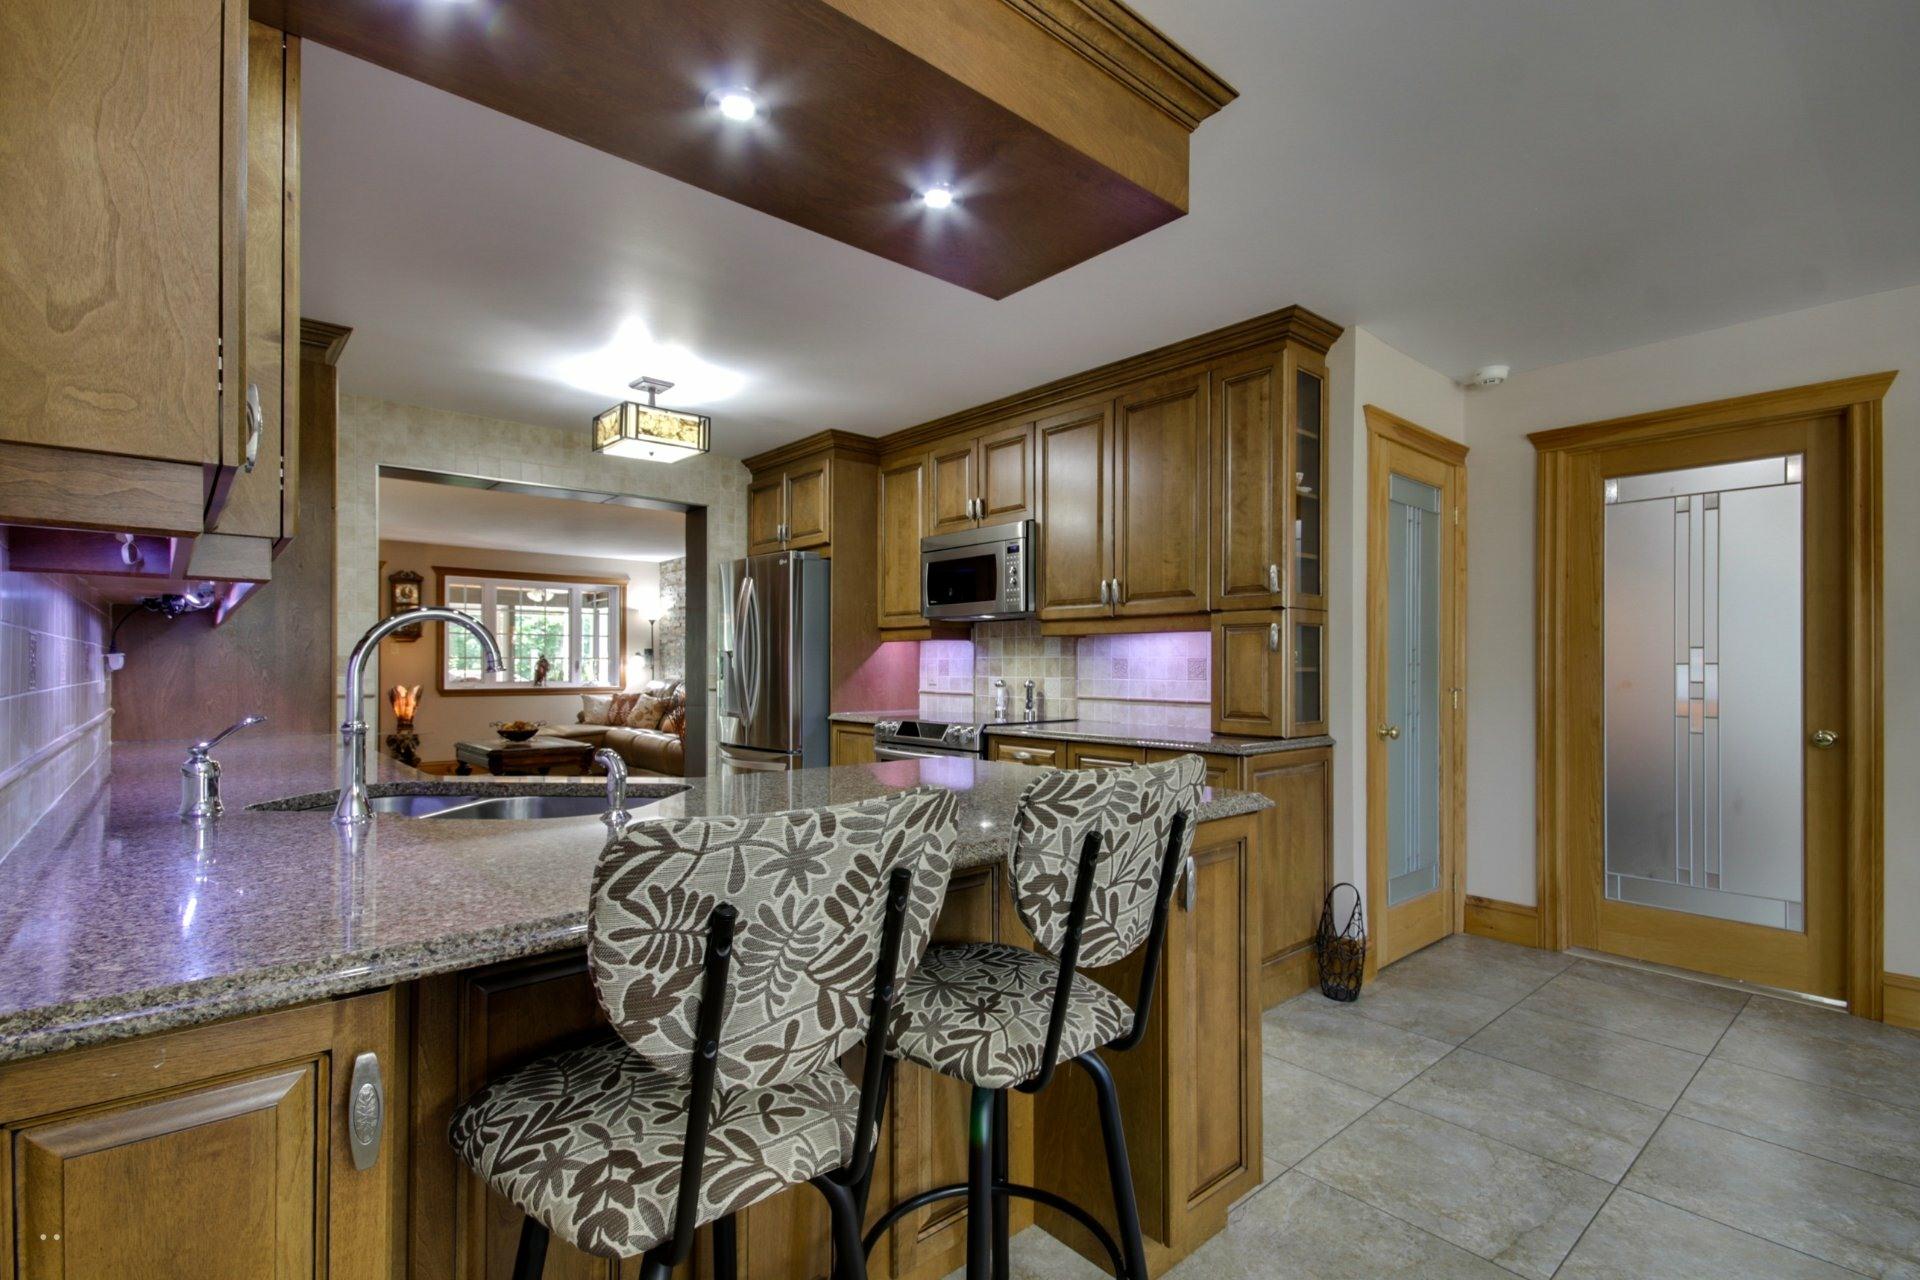 image 2 - Maison À vendre Trois-Rivières